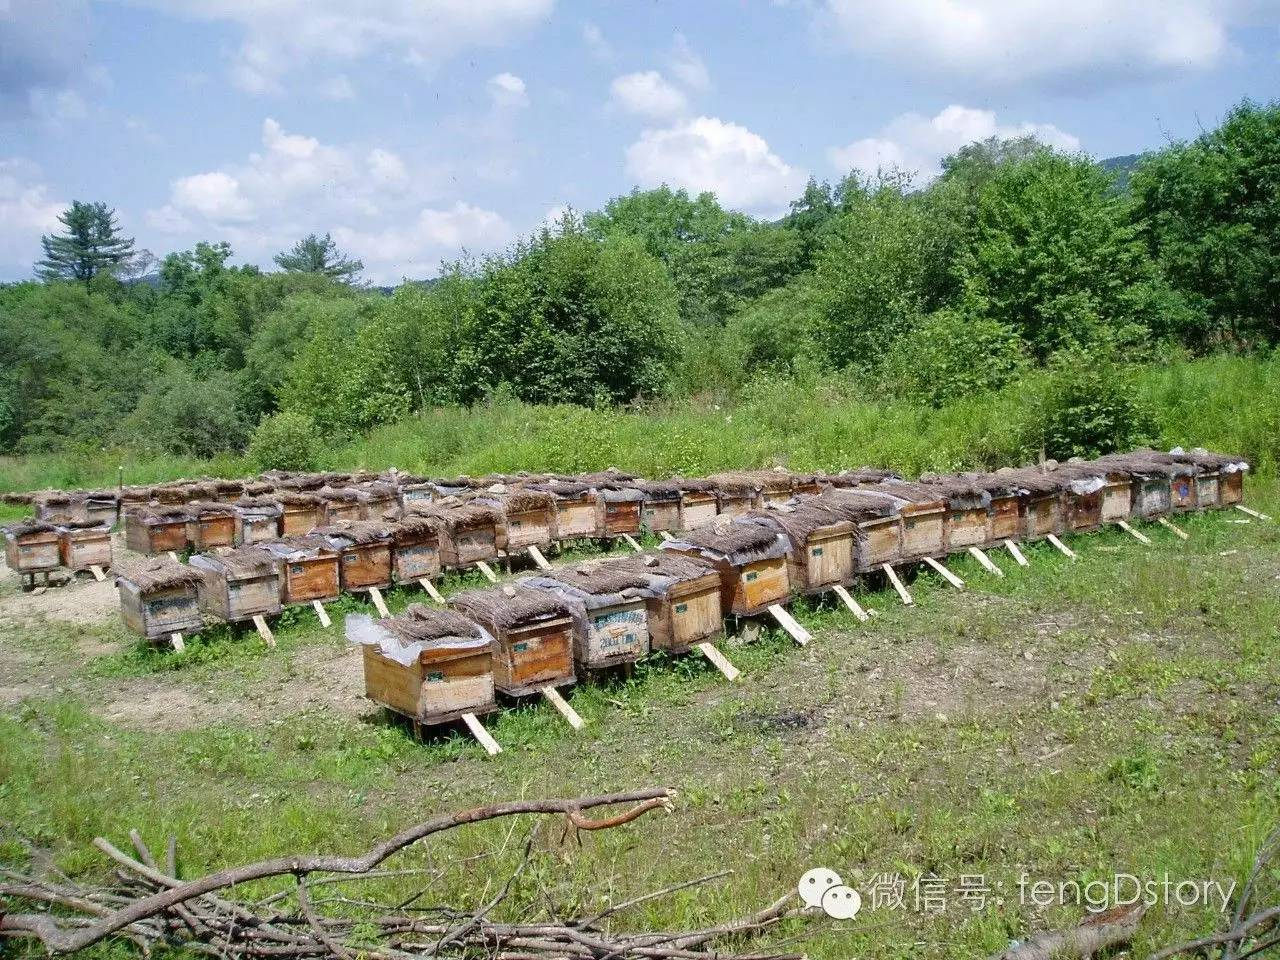 知识 蜂蜜知识讲堂 治疗 喝蜂蜜柠檬水的9个好处 蜜蜂